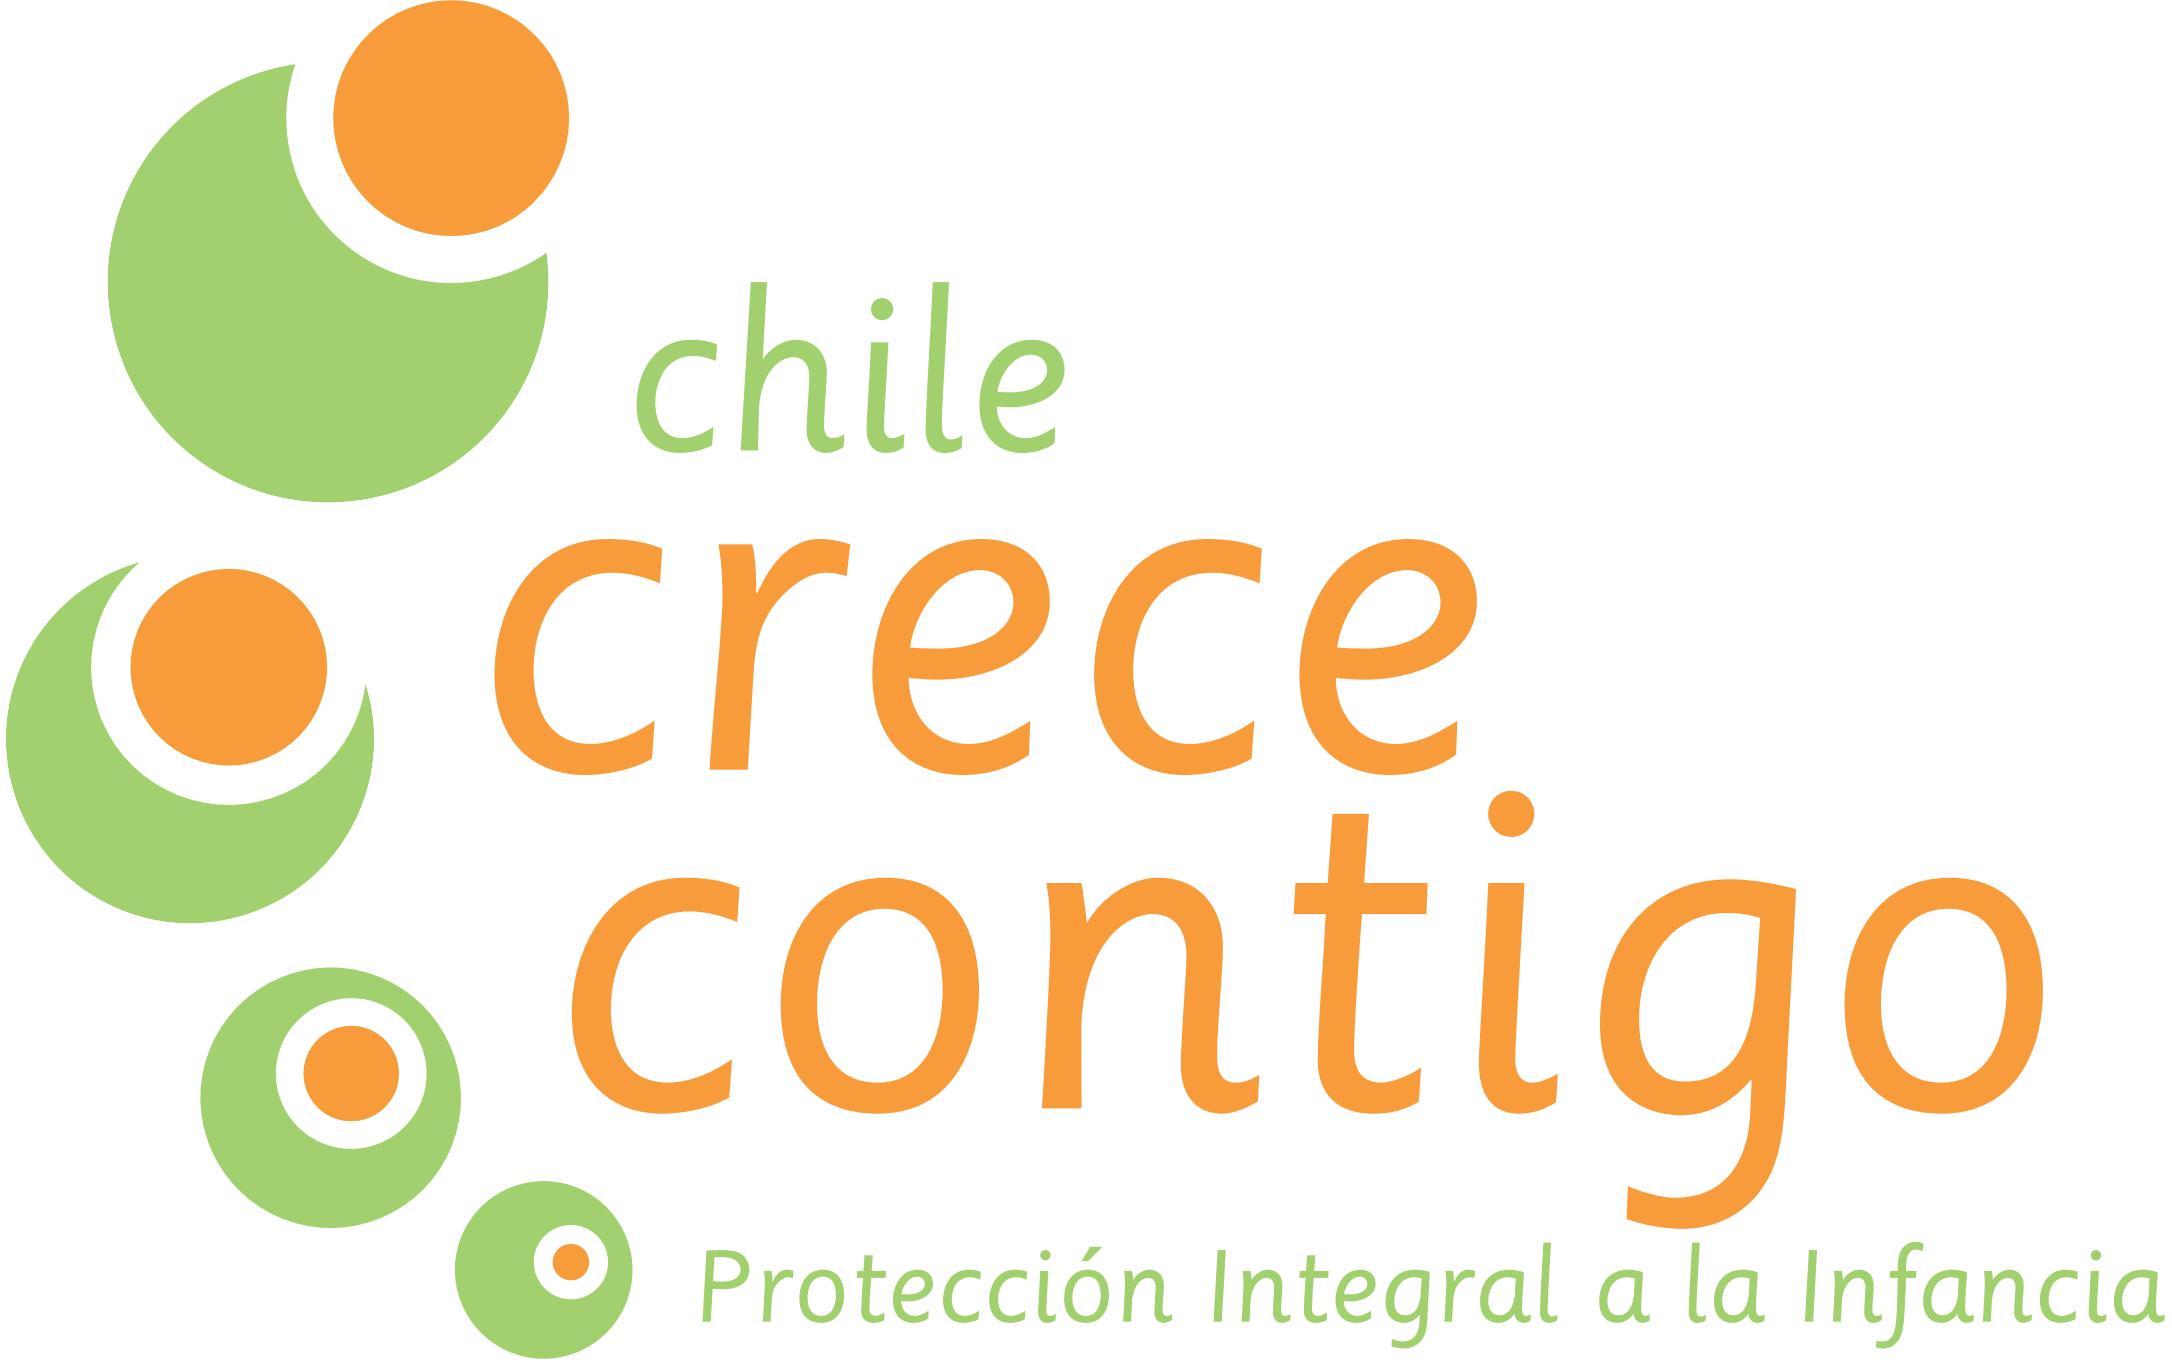 http://www.crececontigo.gob.cl/